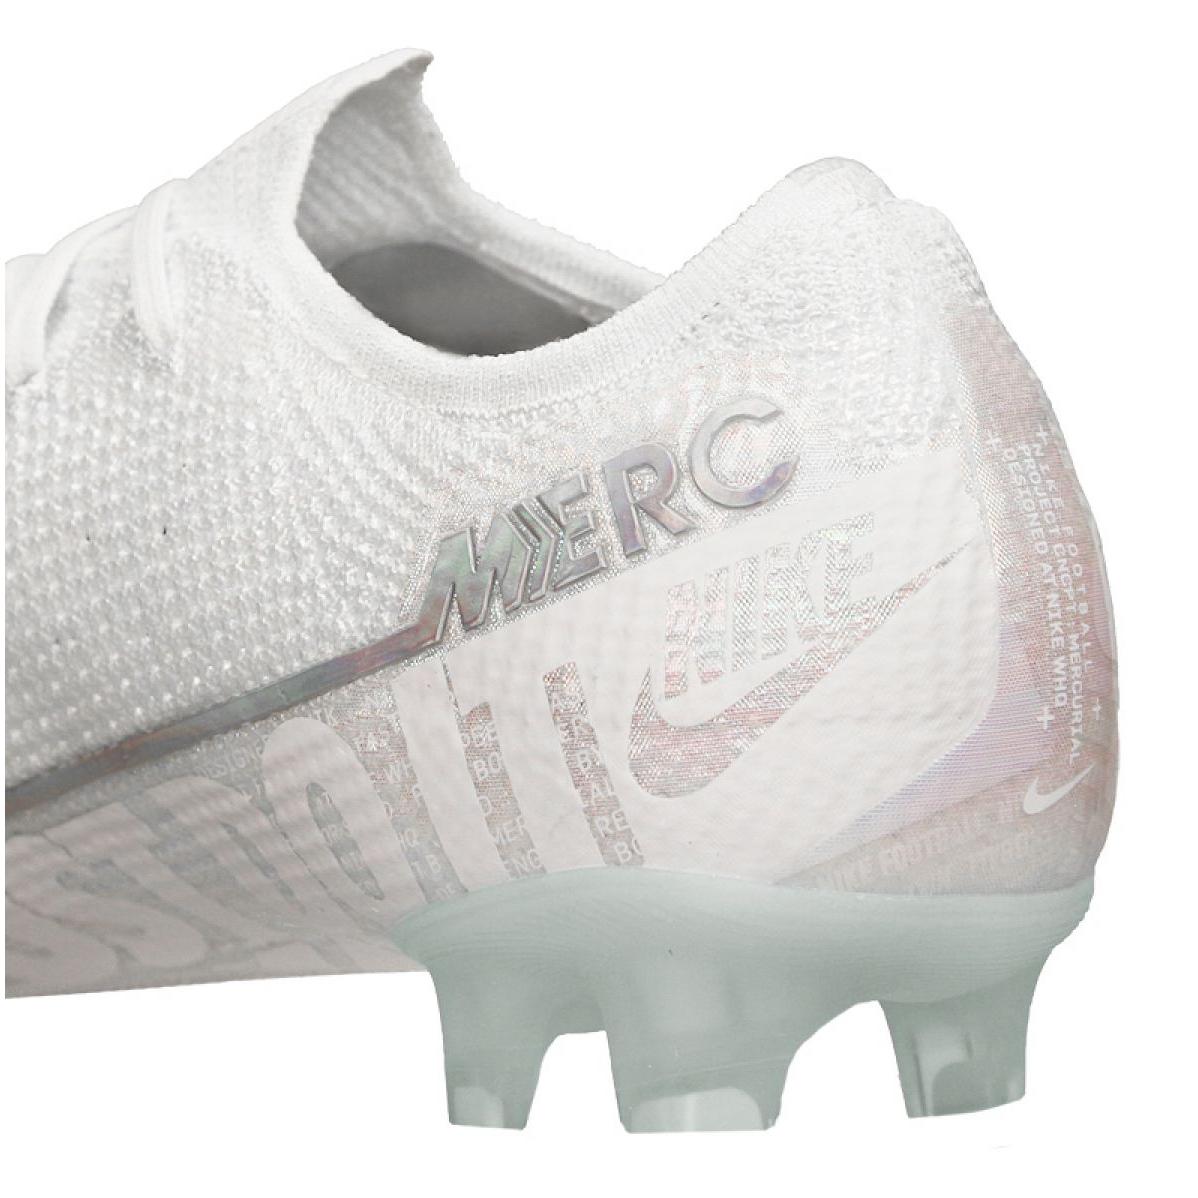 Chuteiras de futebol Nike Vapor 13 Elite Fg M AQ4176 100 branco branco